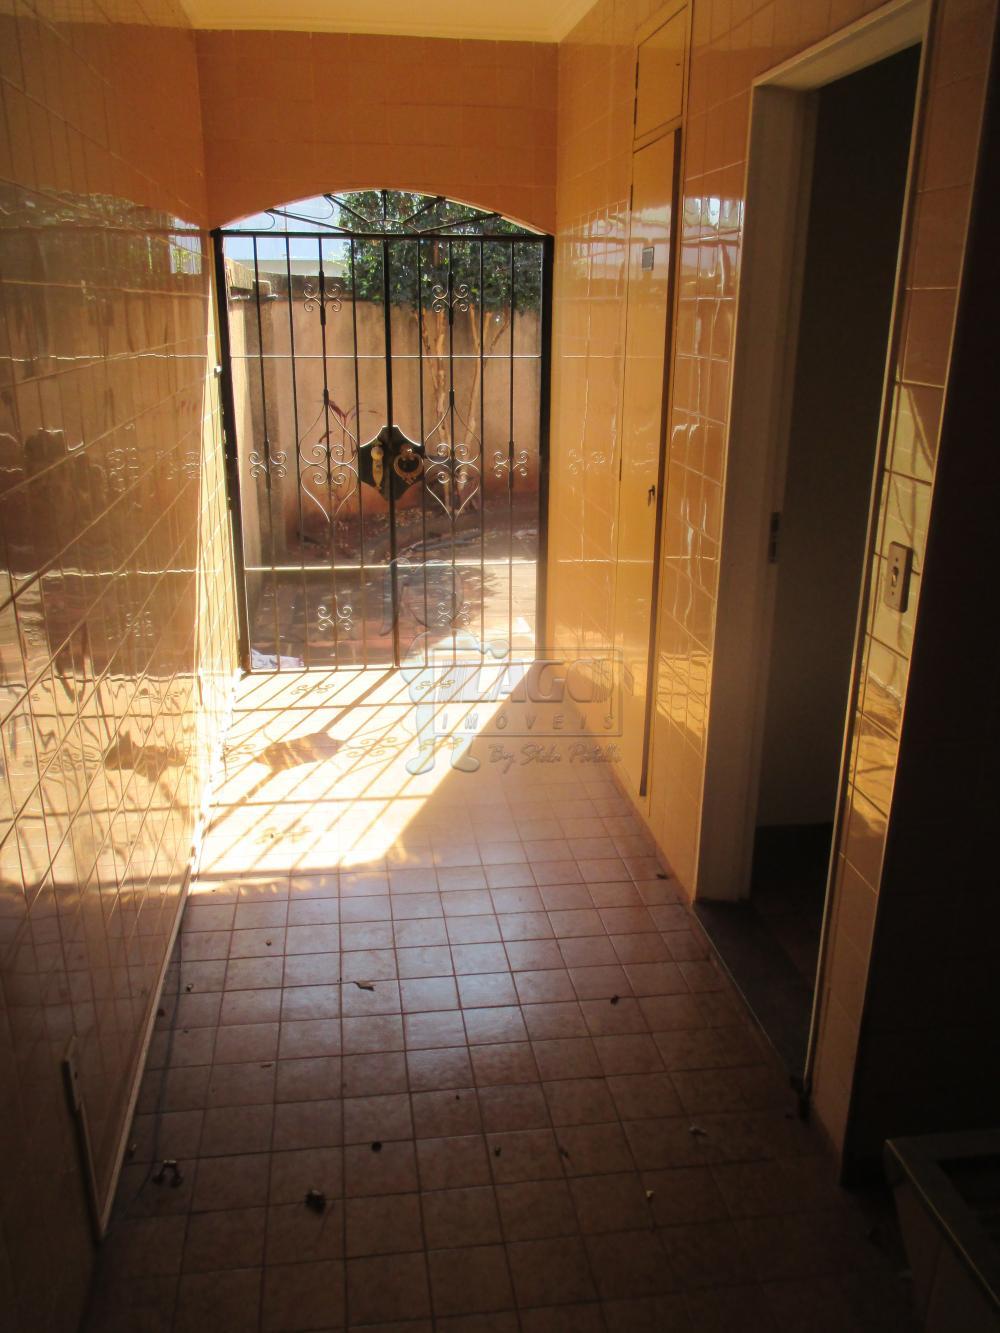 Alugar Casas / Comercial em Ribeirão Preto apenas R$ 3.000,00 - Foto 8